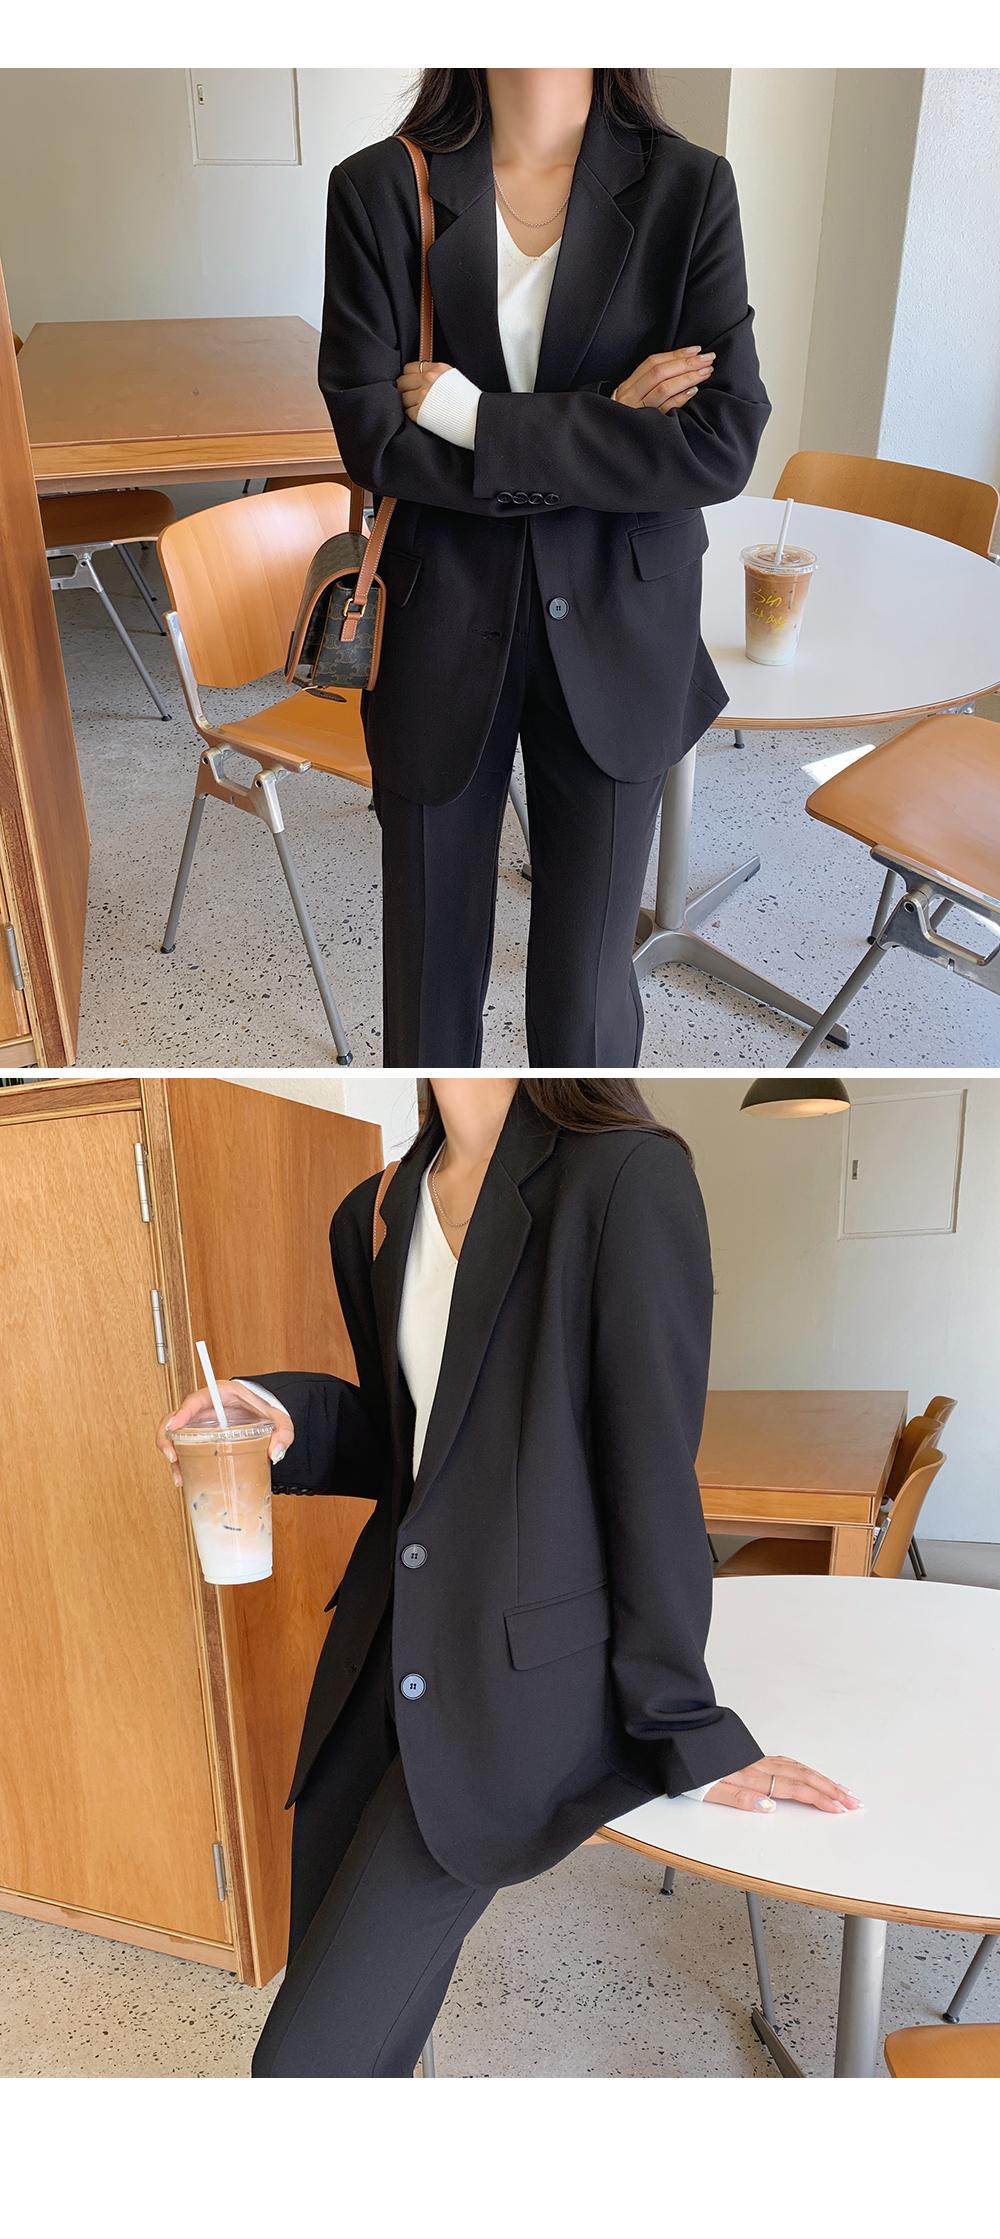 Basic Single Jacket in Black-holiholic.com